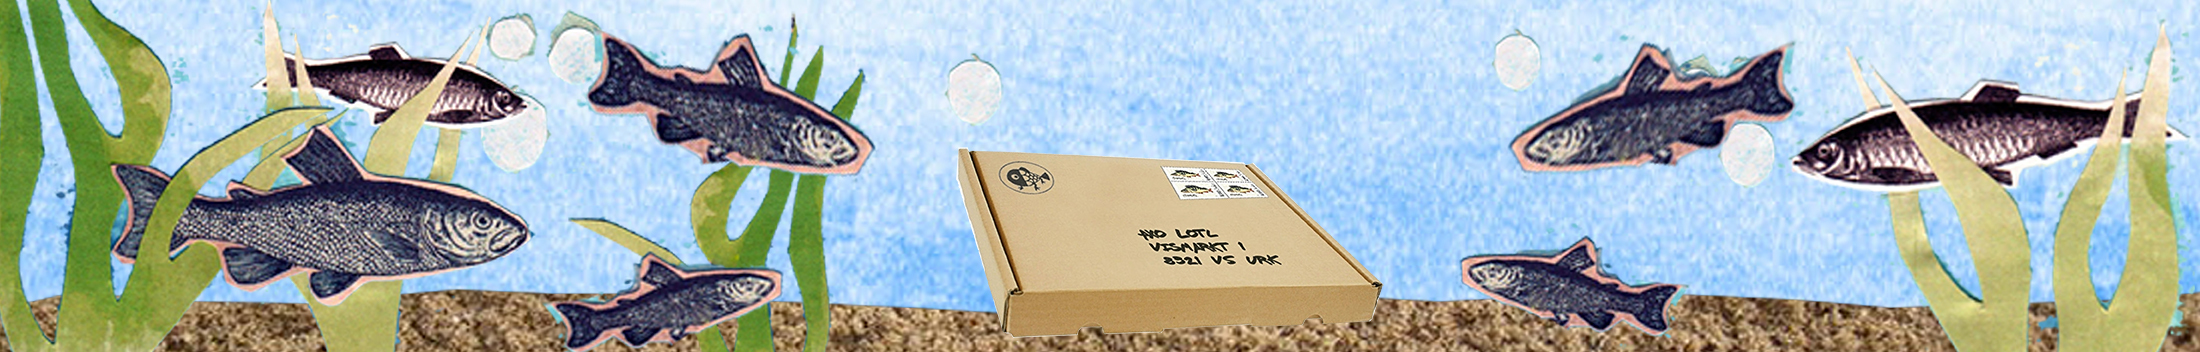 viscollage goede doos